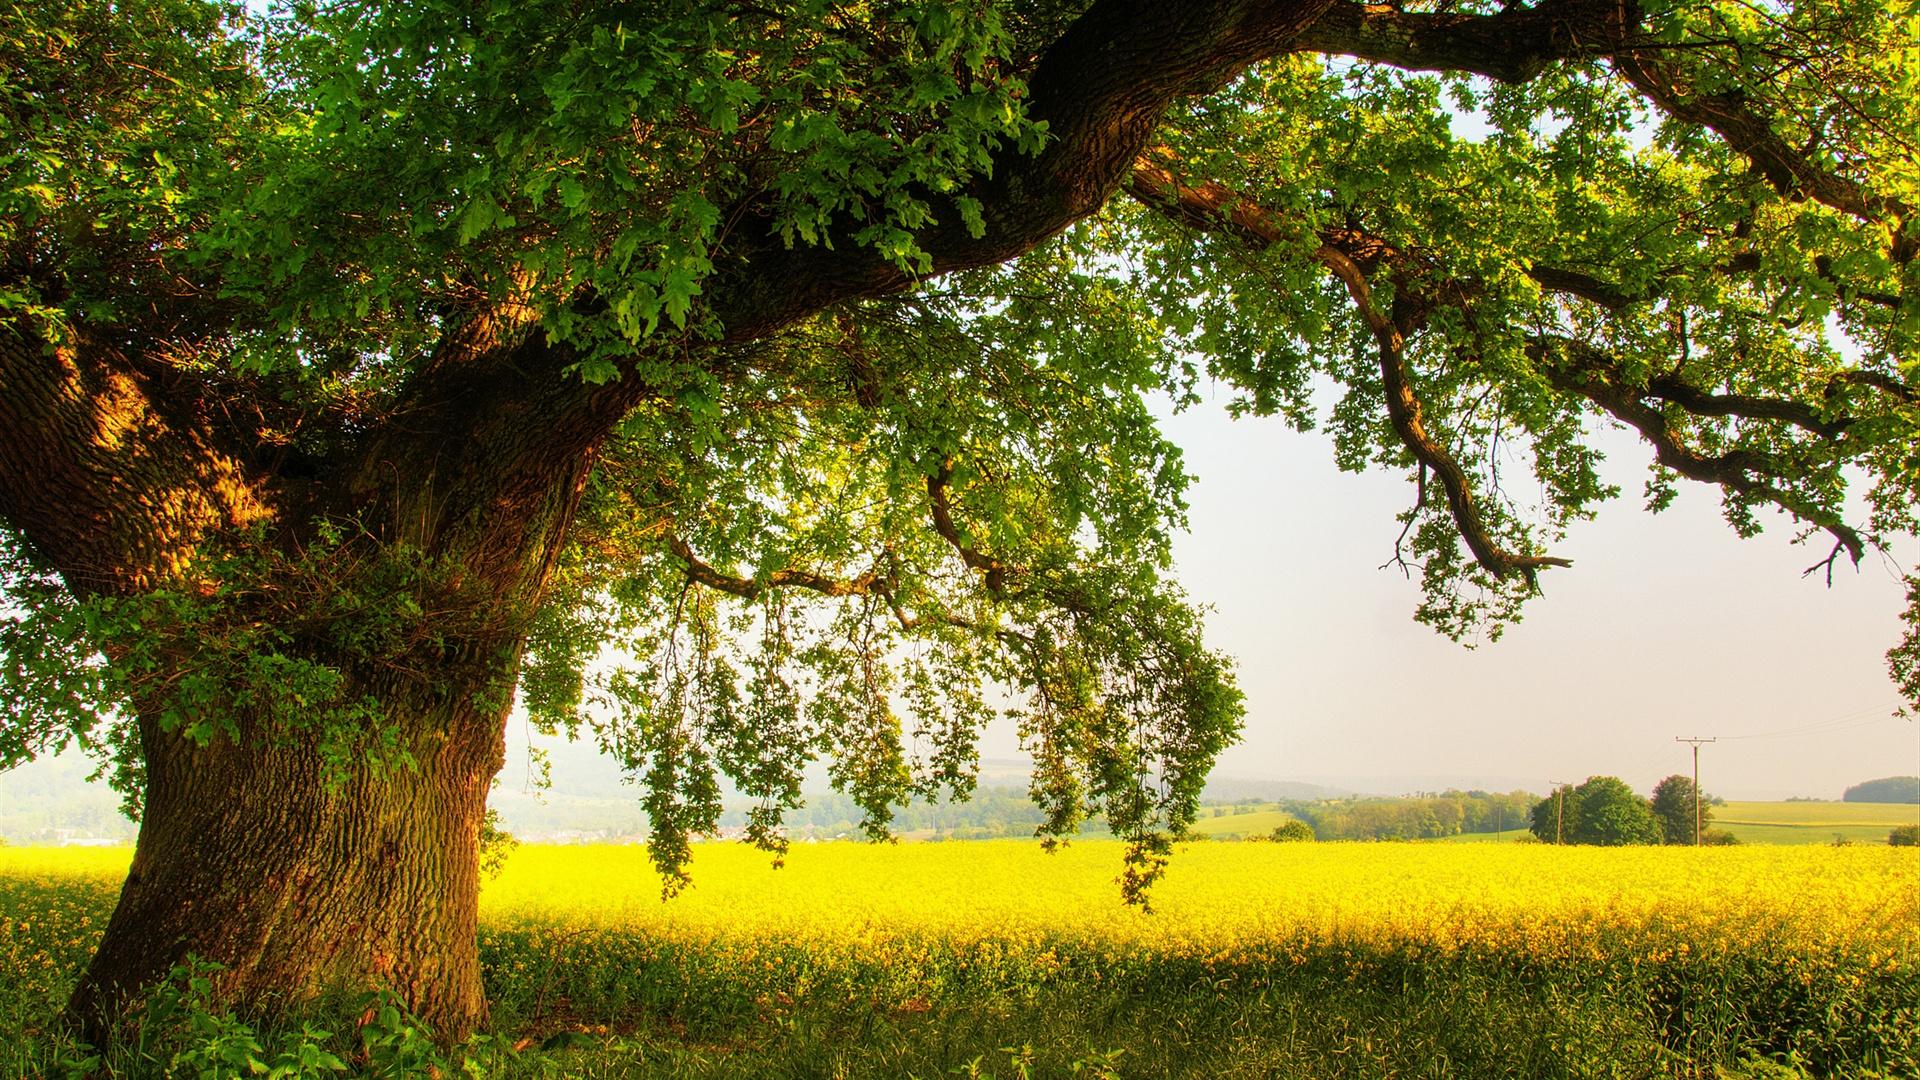 oak tree wallpaper hd 32960